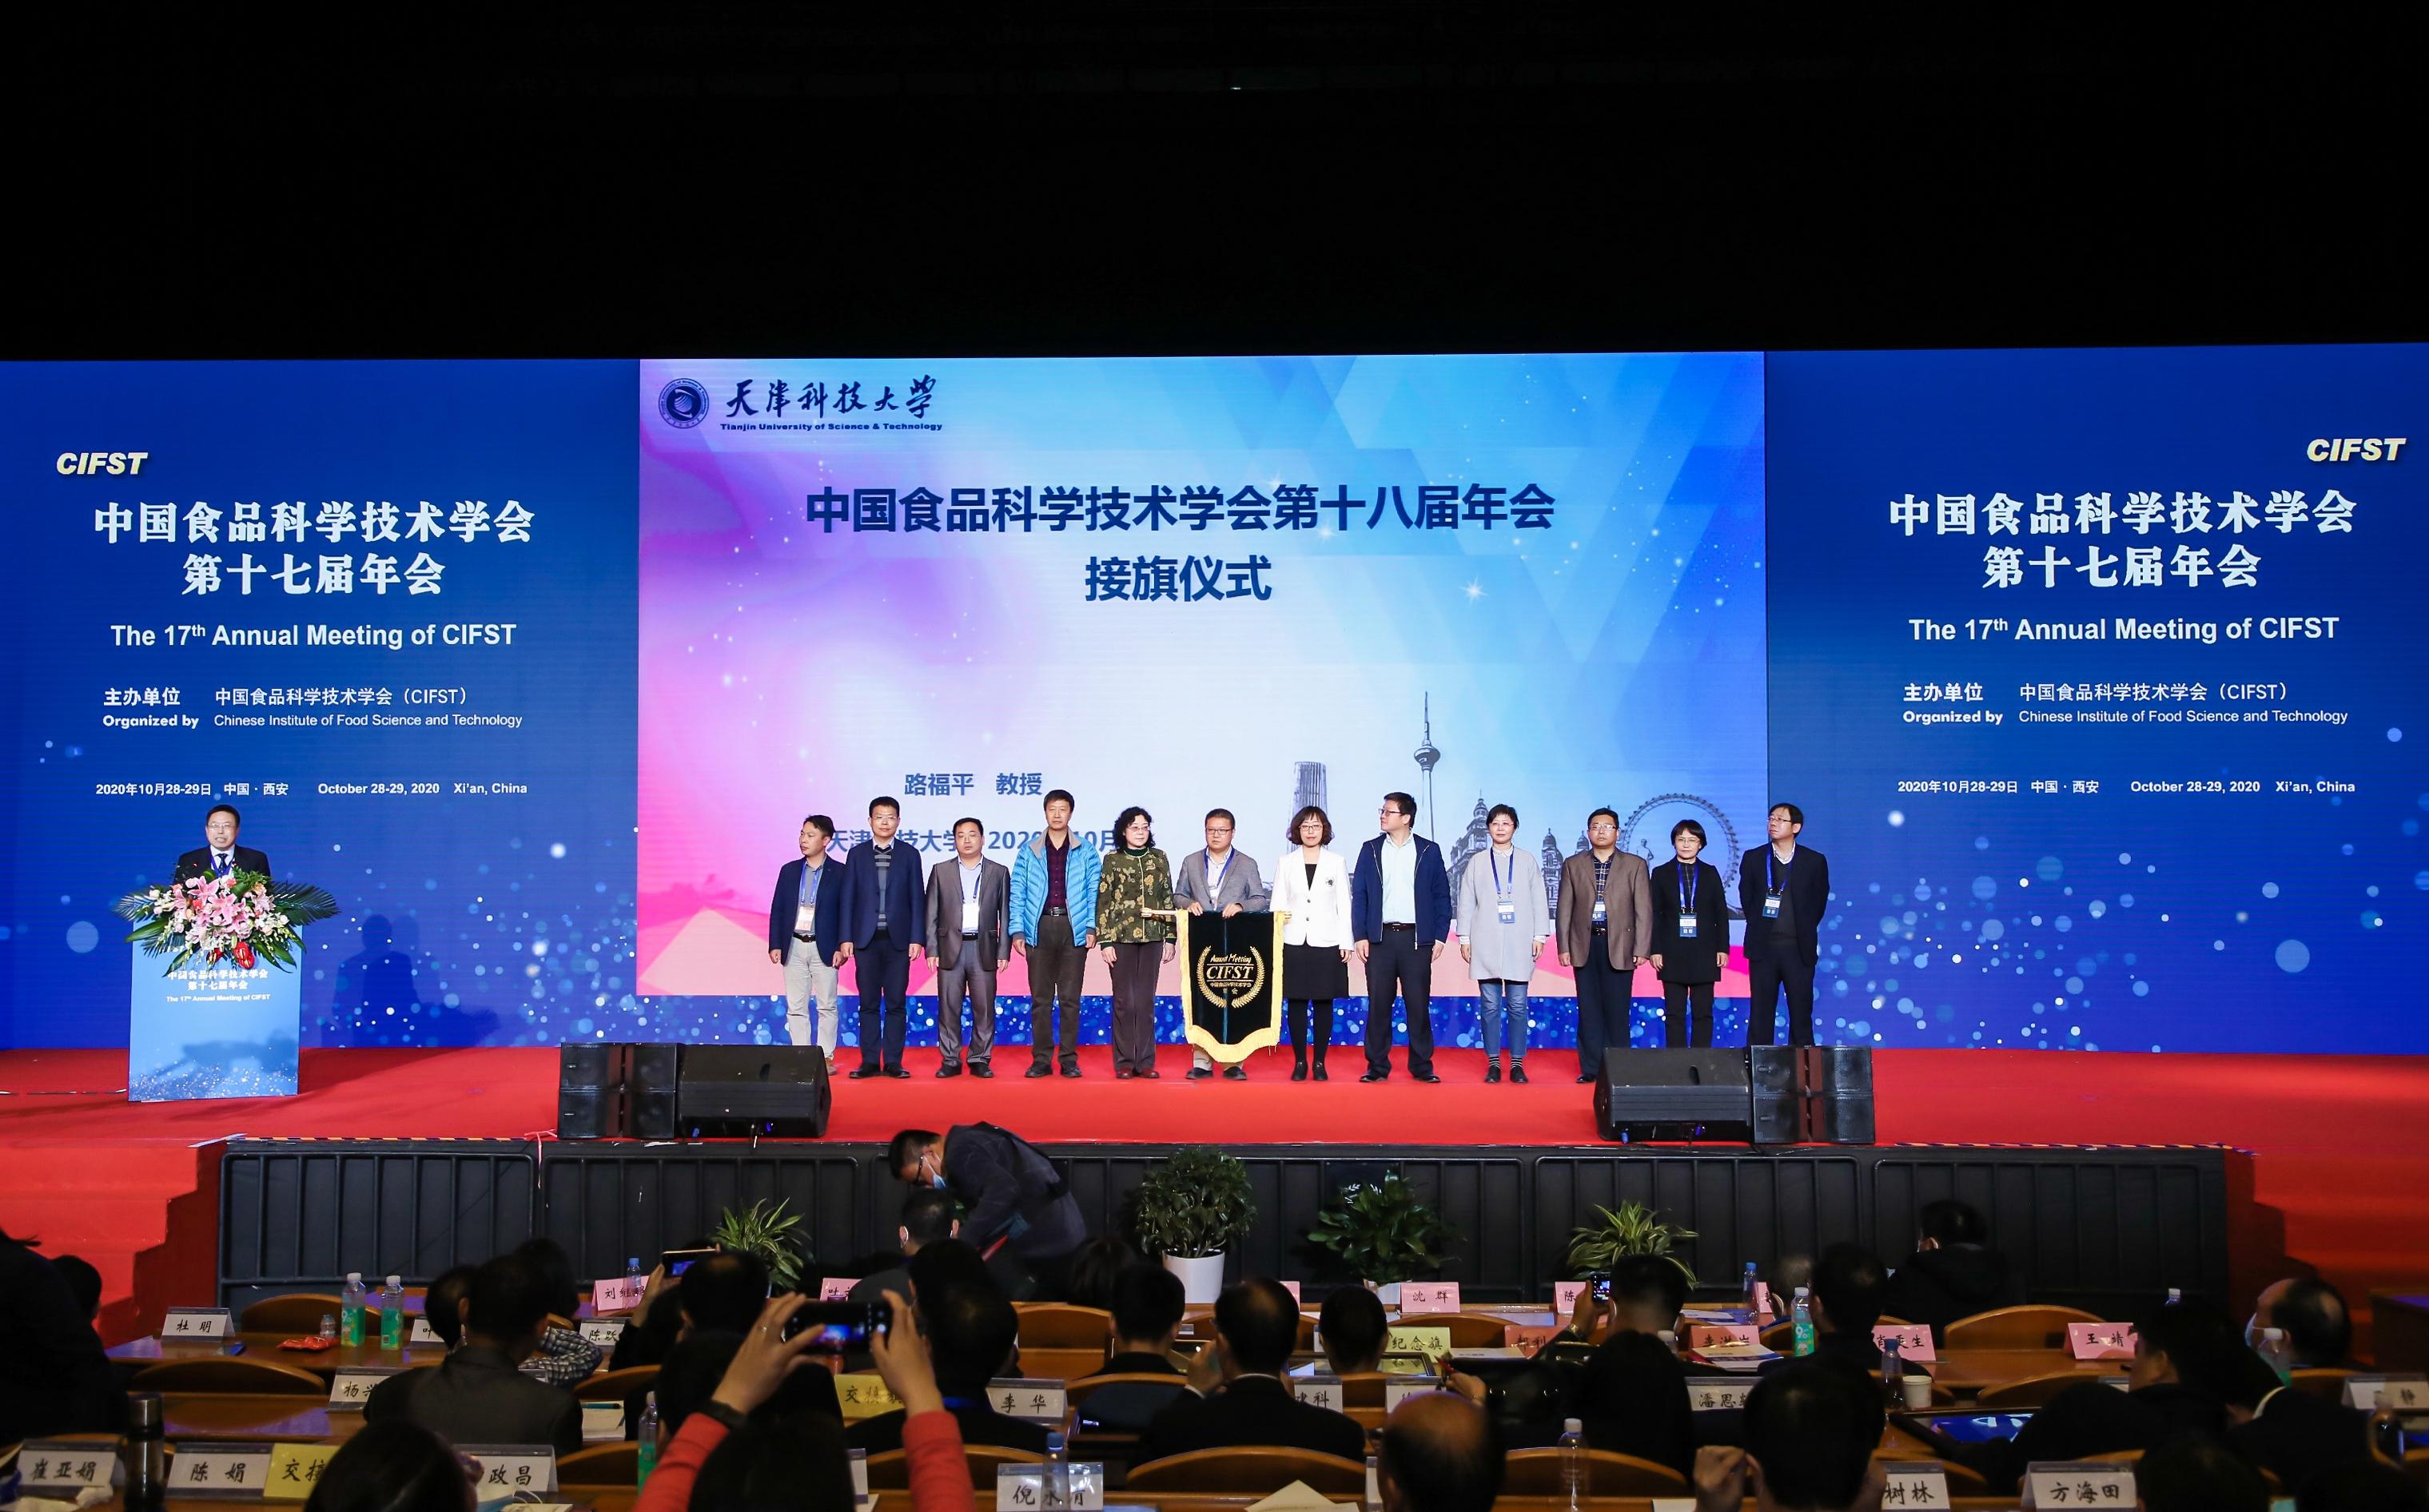 中国食品科学技术学会第十八届年会接旗仪式.JPG